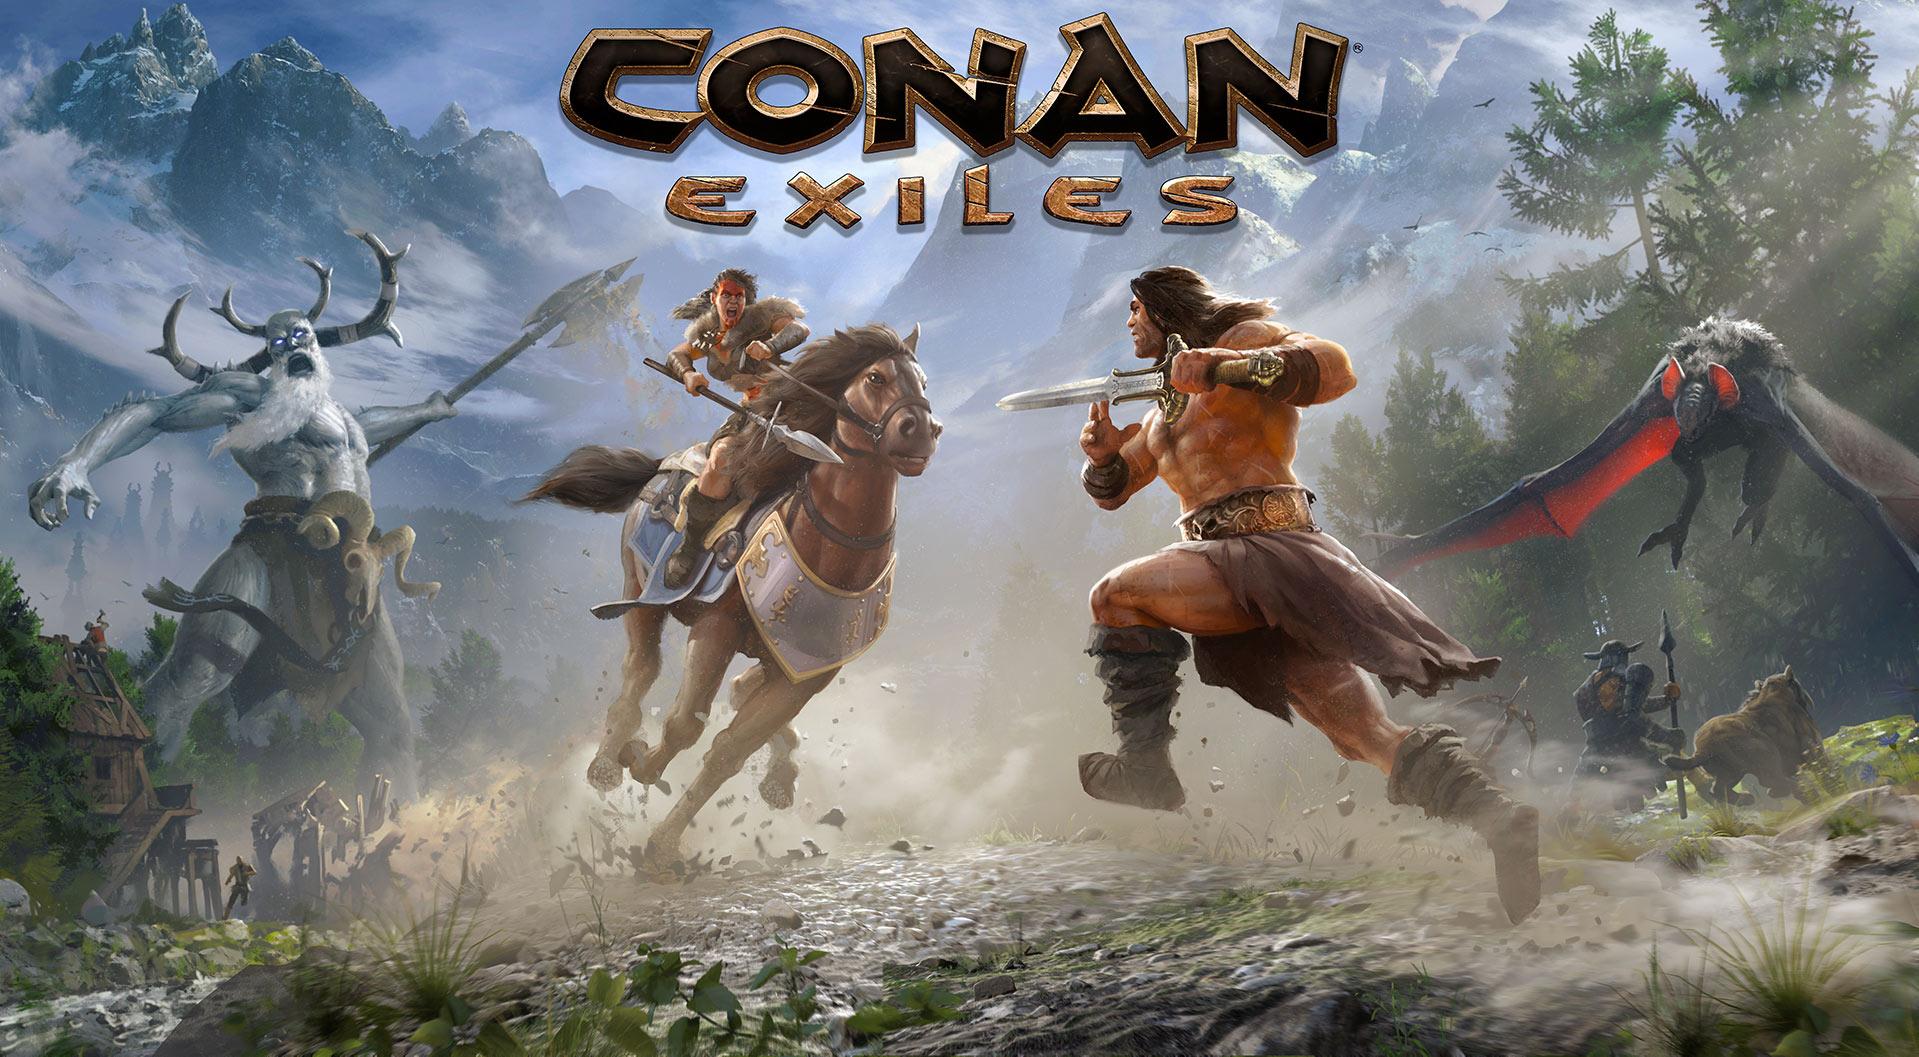 В Conan Exiles пройдут бесплатные выходные.